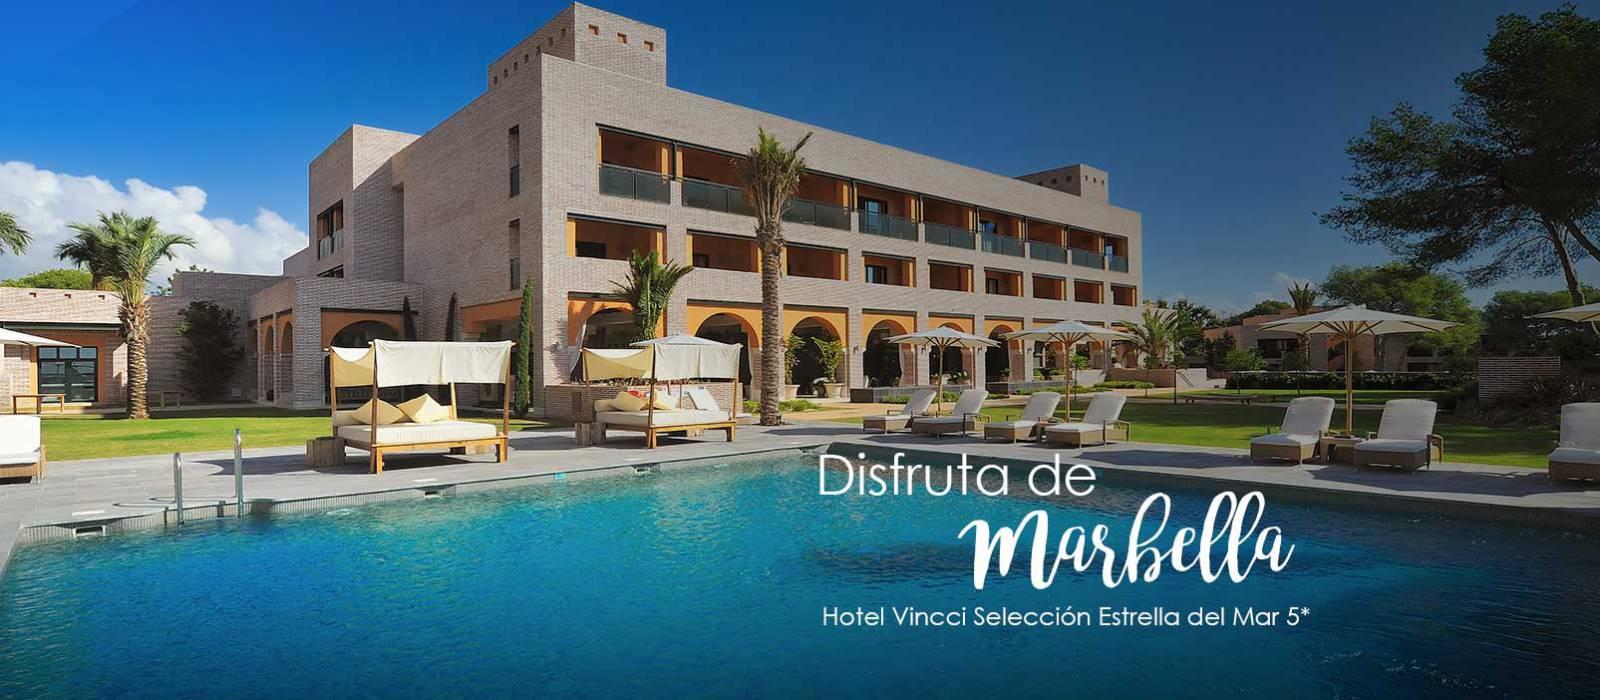 Disfruta Marbella ES - Vincci Selección Estrella del Mar